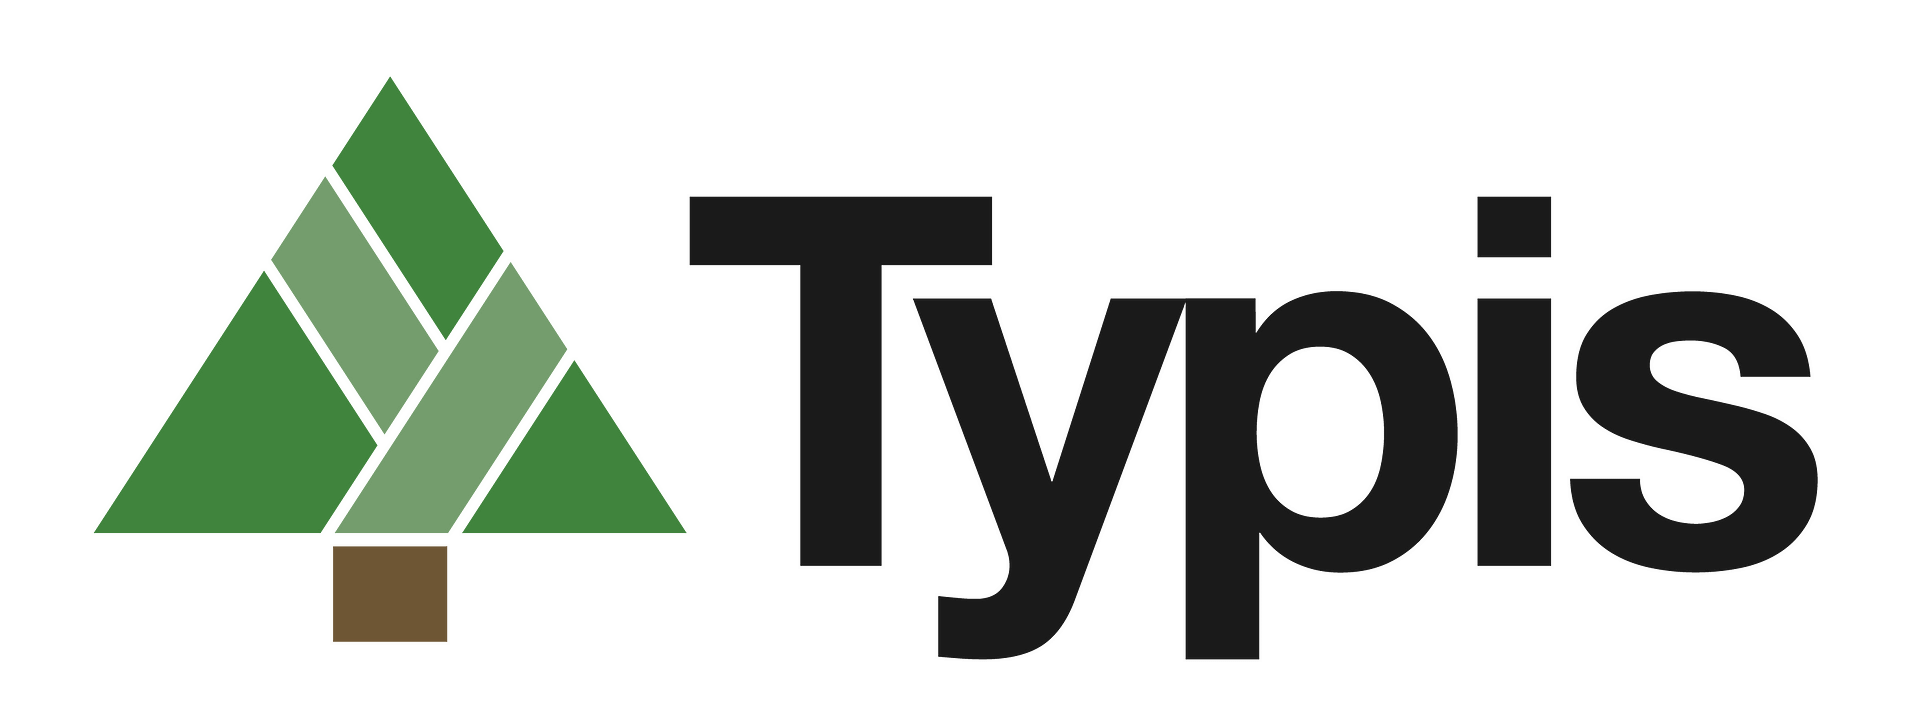 Typis